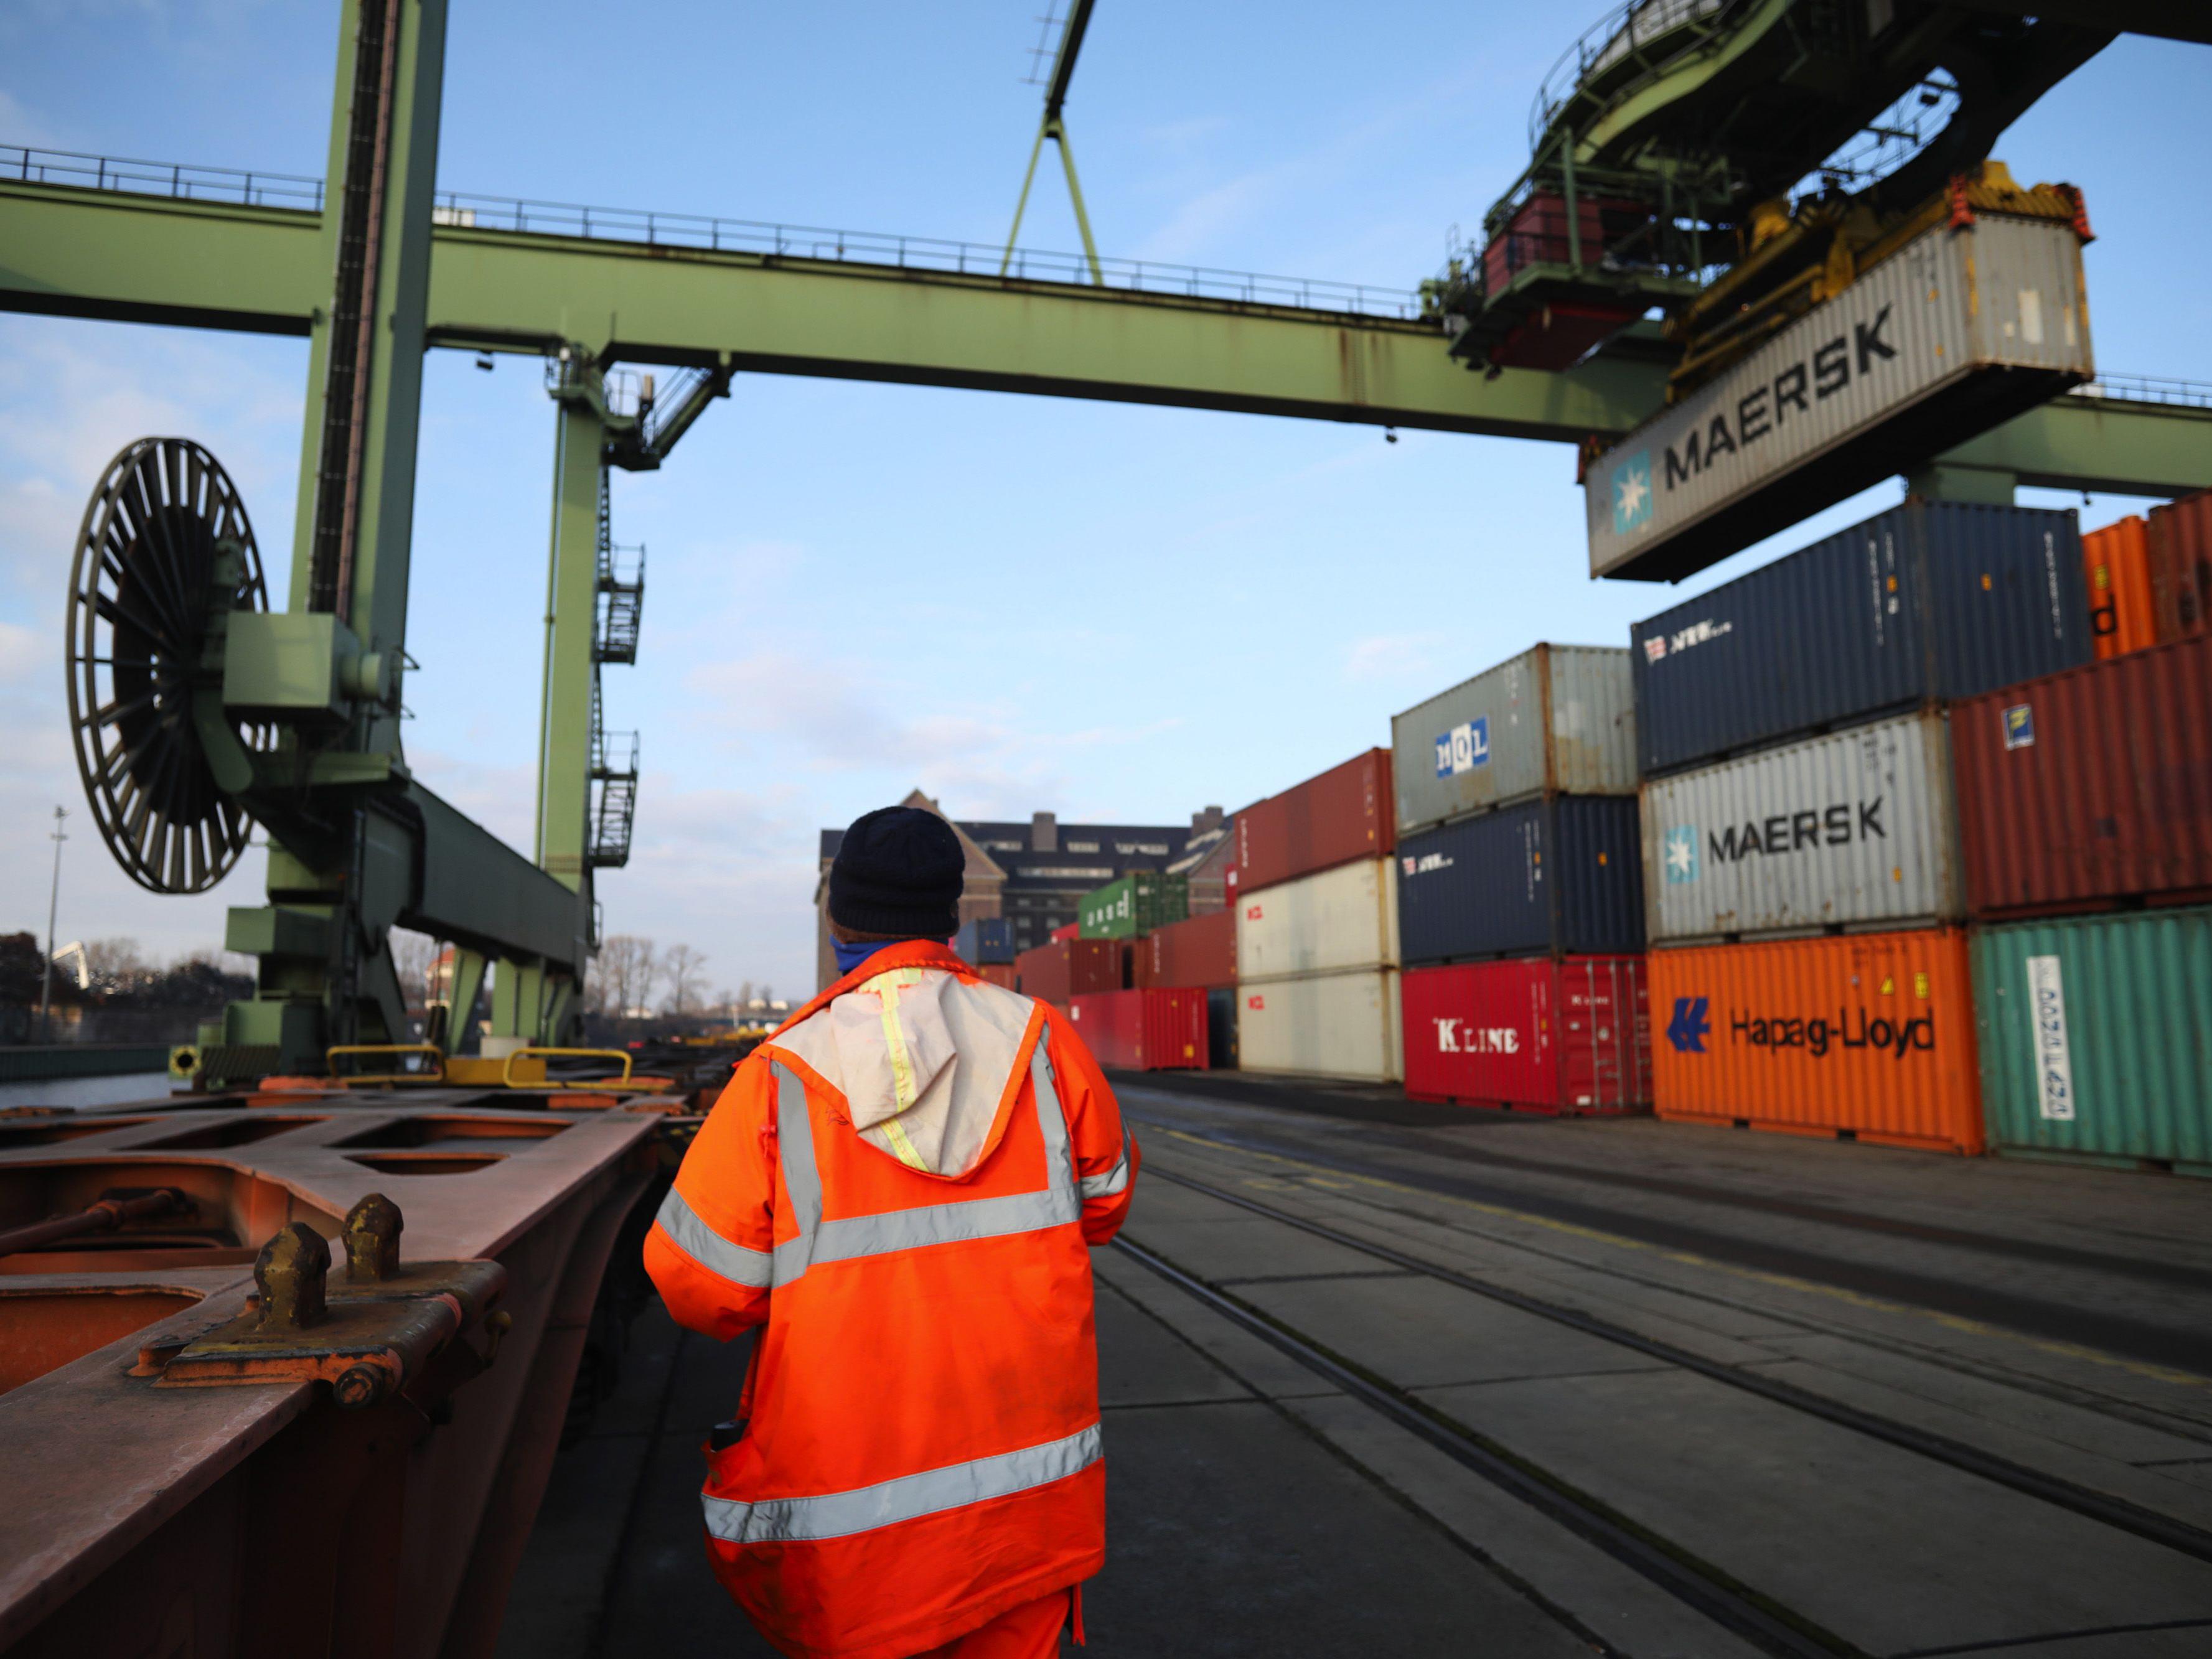 0309 exporterseasecontainershortage